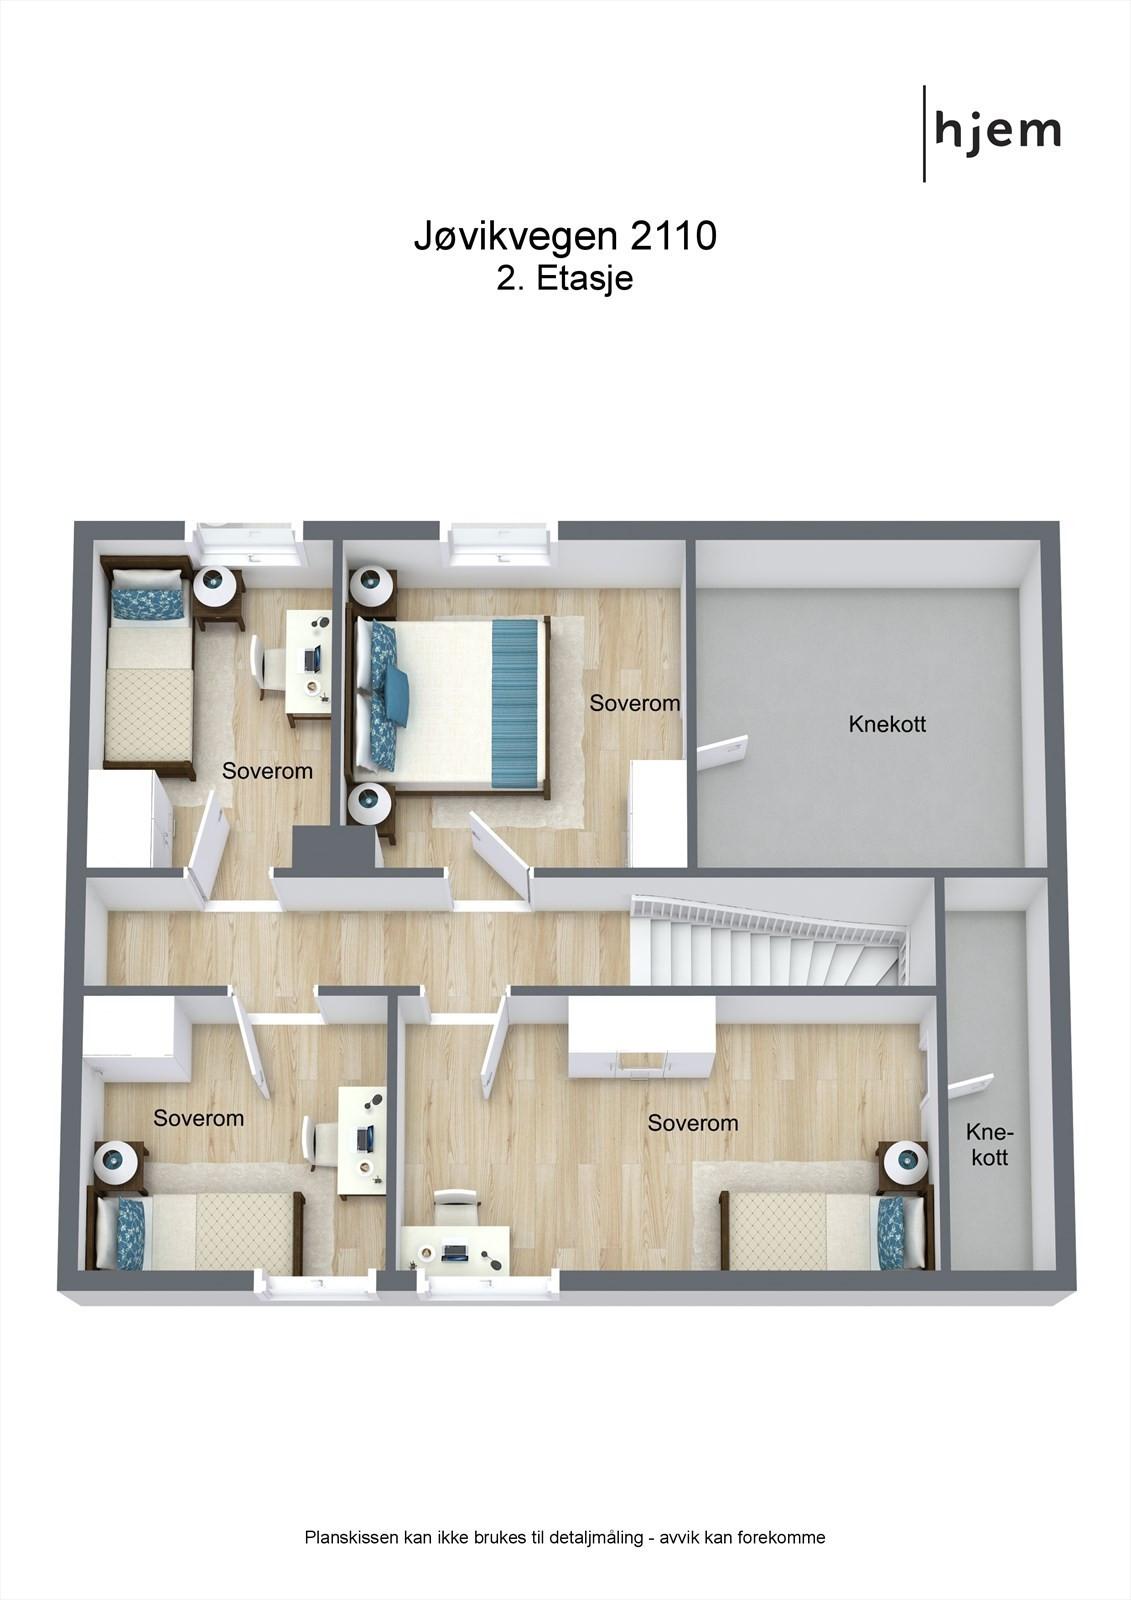 Floorplan letterhead - Jøvikvegen 2110 - 2. Etasje - 3D Floor Plan